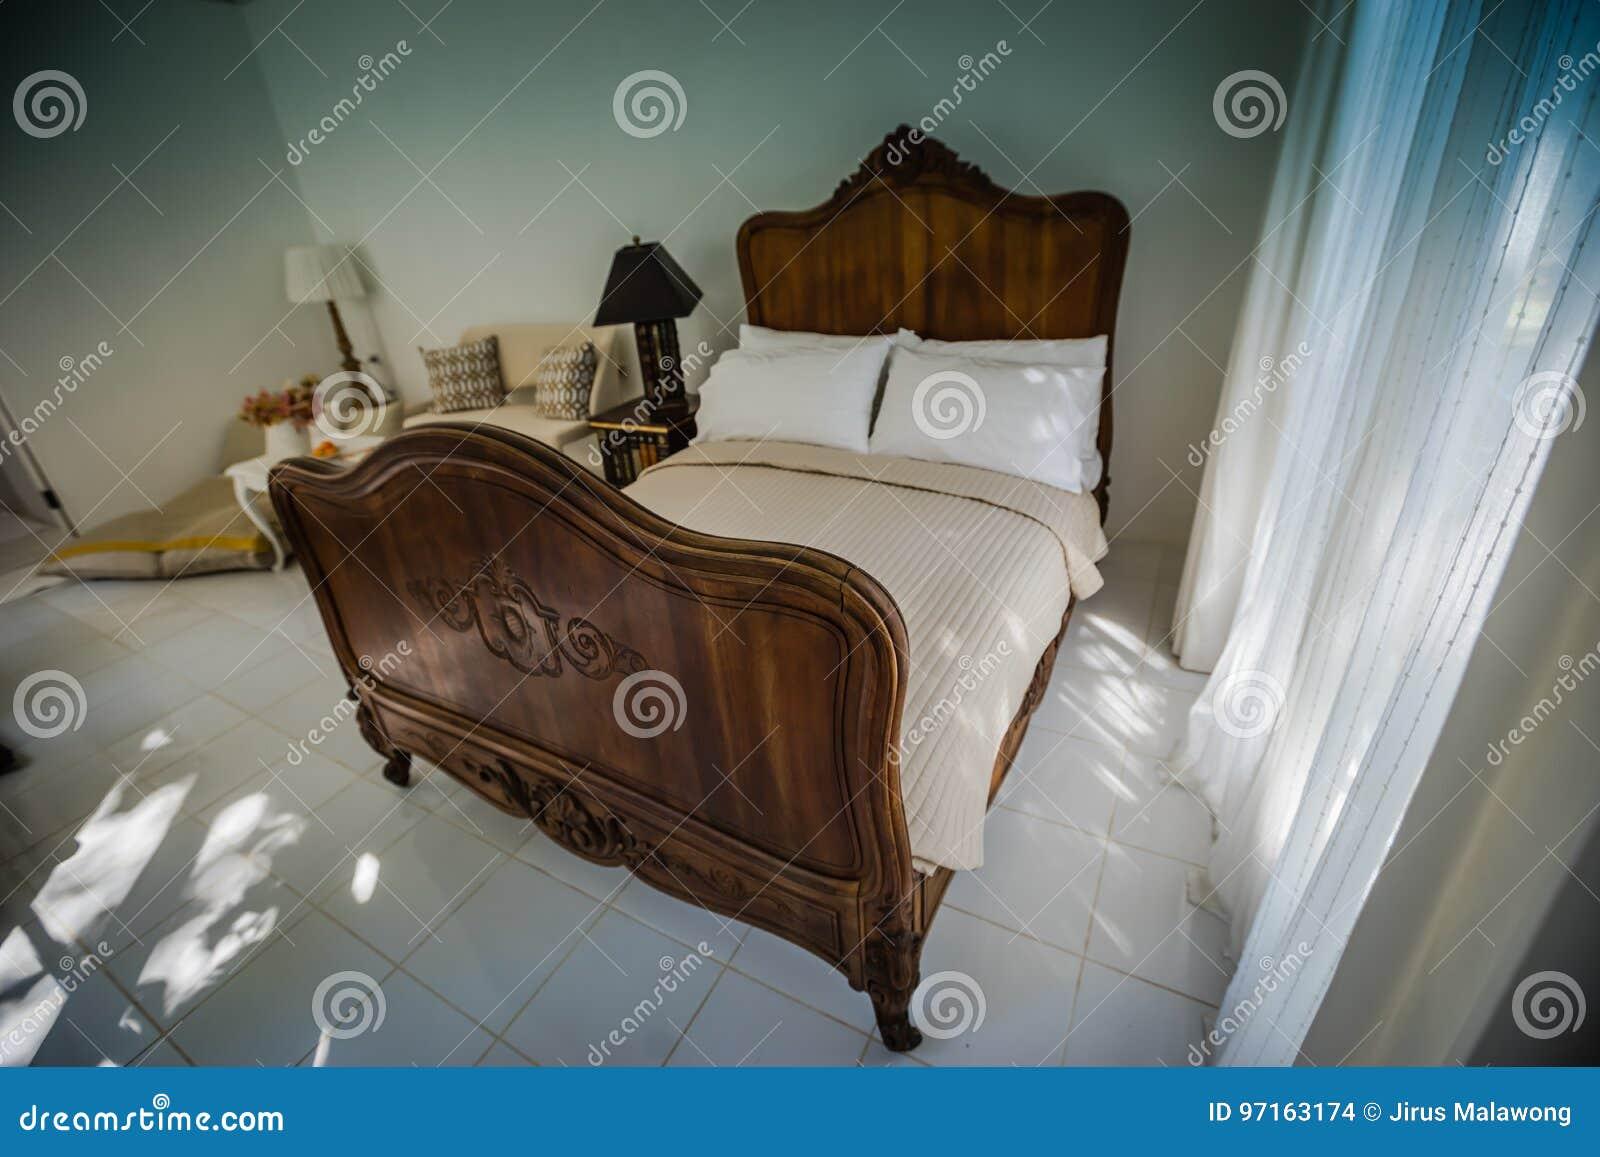 het klassieke meubilair van het teak houten bed in de warme en comfortabele slaapkamer ne